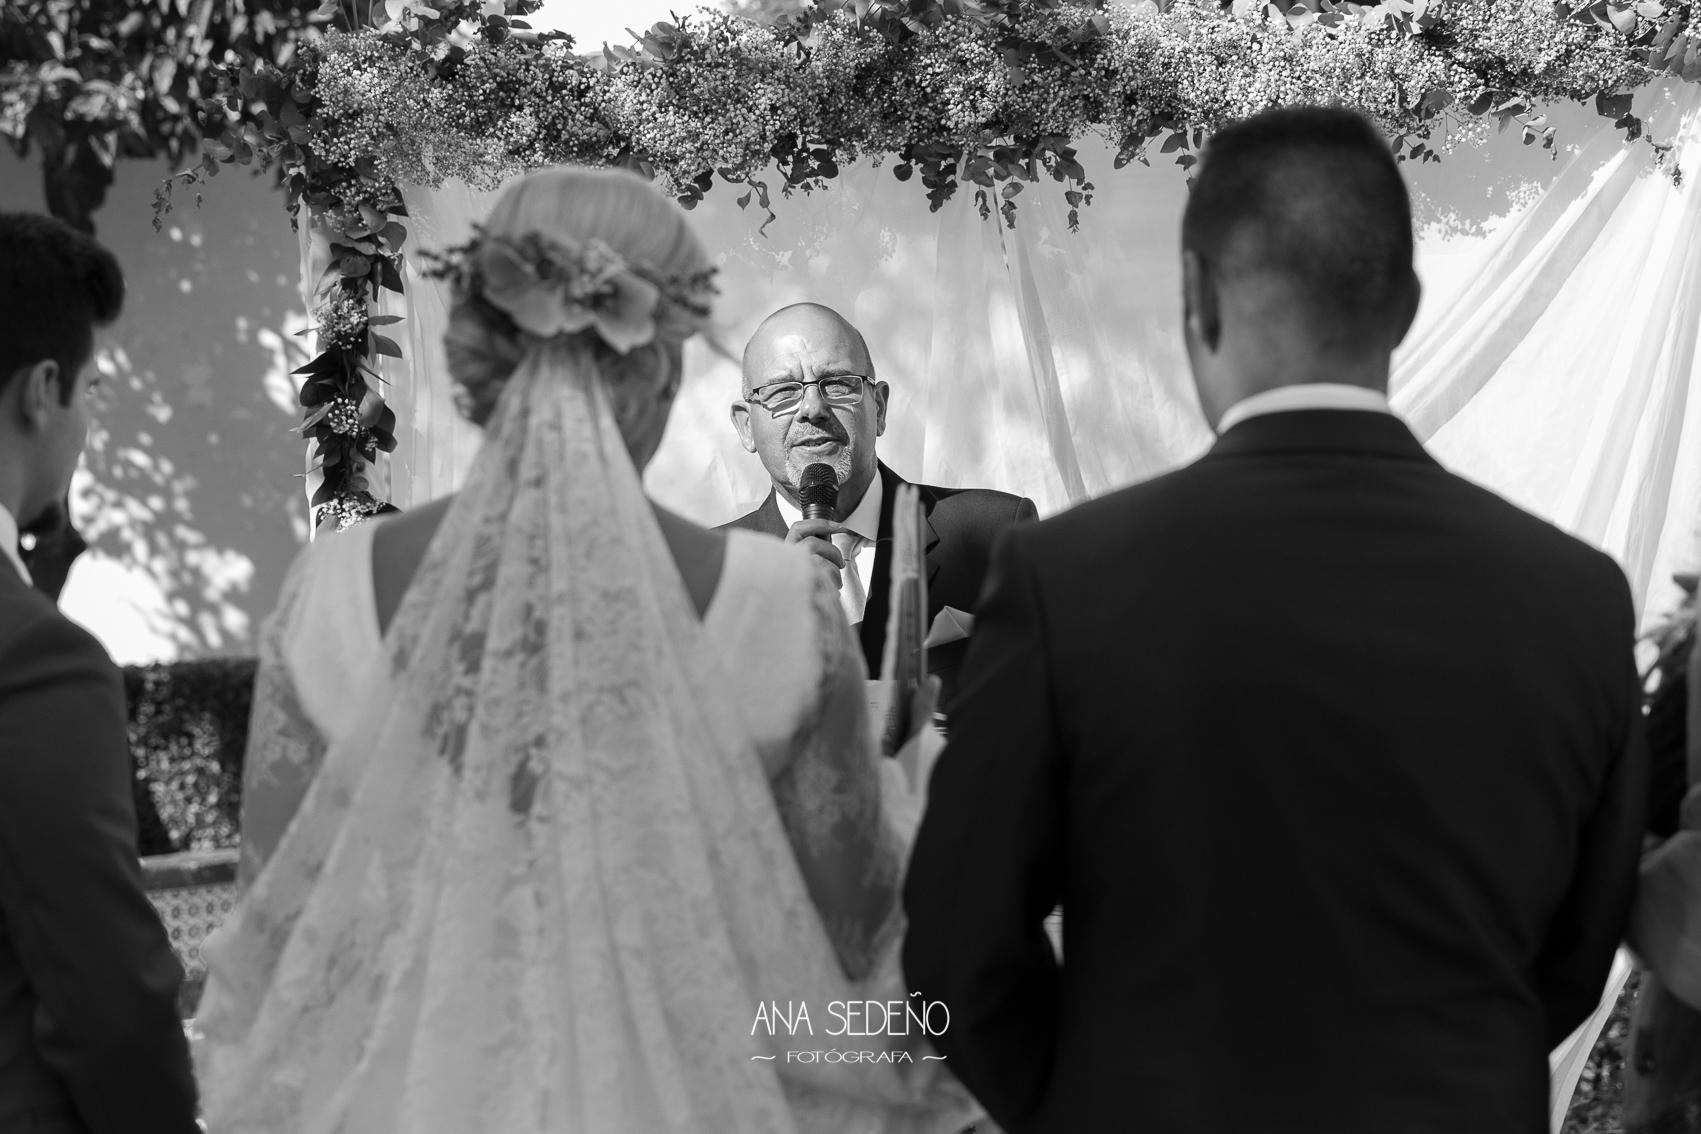 Ana Sedeño Fotografa.-BJ&R-0390